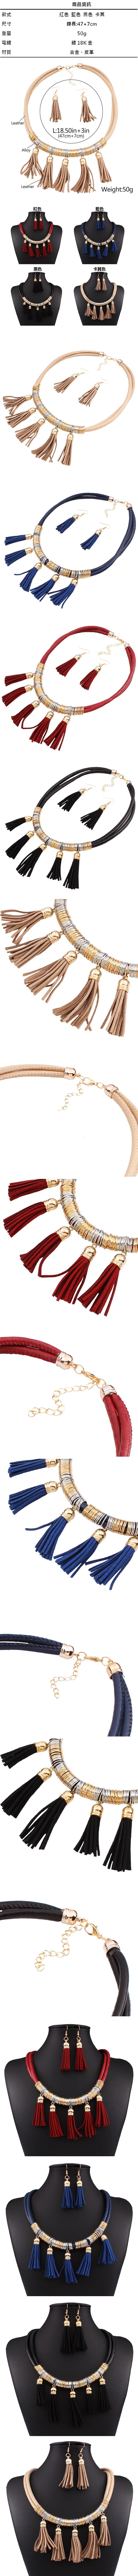 項鍊鍍18K金+耳環-波希米亞風華麗彩色圓珠女毛衣鍊